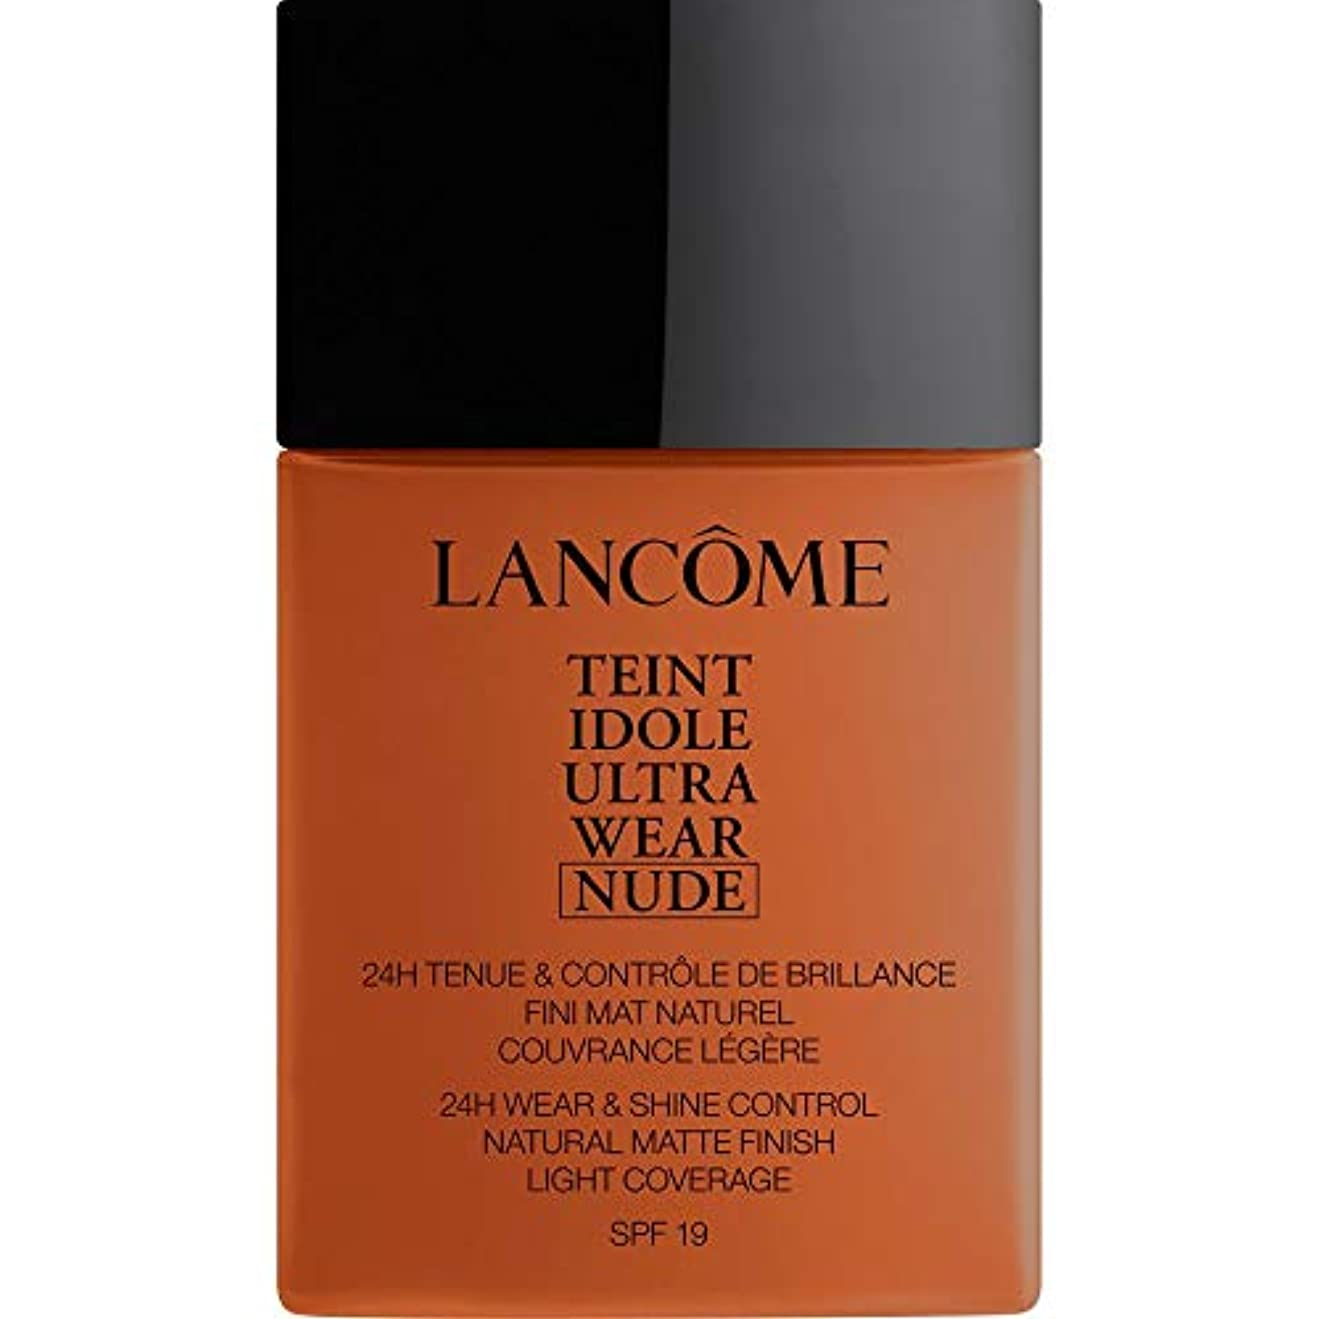 快い進化するモード[Lanc?me ] ランコムTeintのIdole超摩耗ヌード財団Spf19の40ミリリットル13 - Sienne - Lancome Teint Idole Ultra Wear Nude Foundation SPF19...